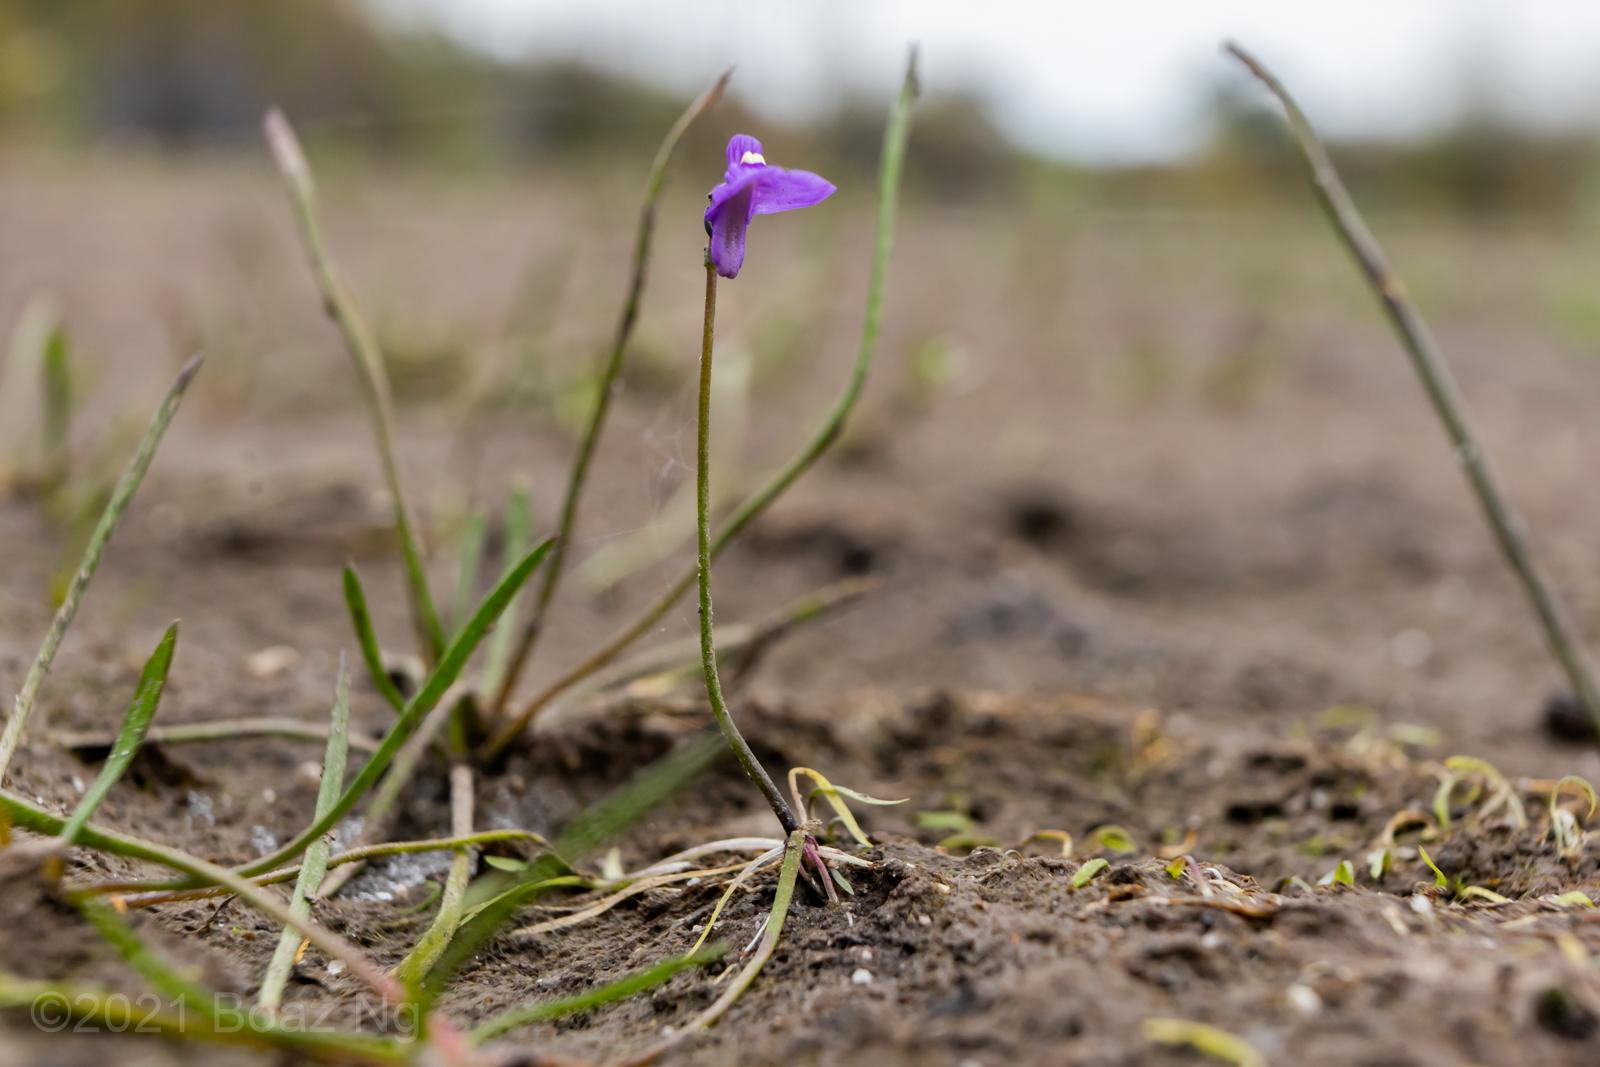 Utricularia oppositiflora